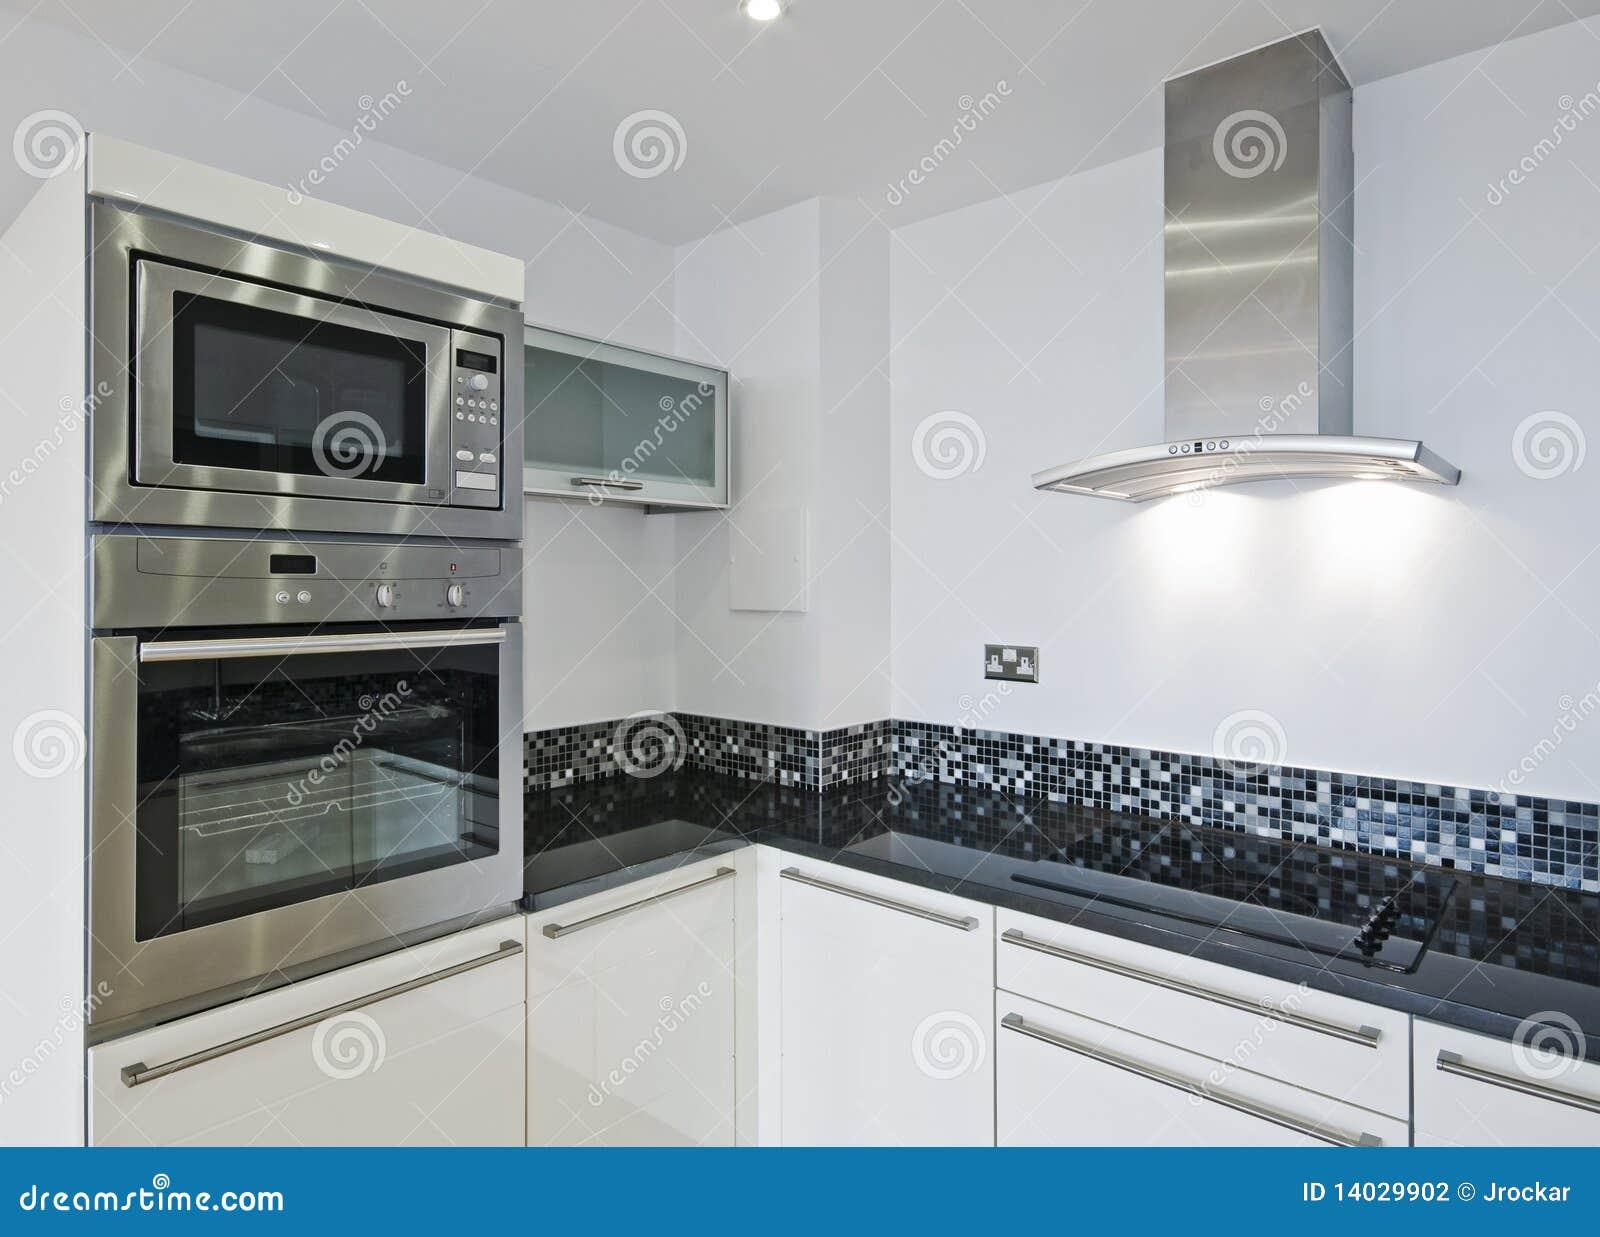 Cucina moderna fotografia stock immagine 14029902 for Mattonelle cucina mosaico